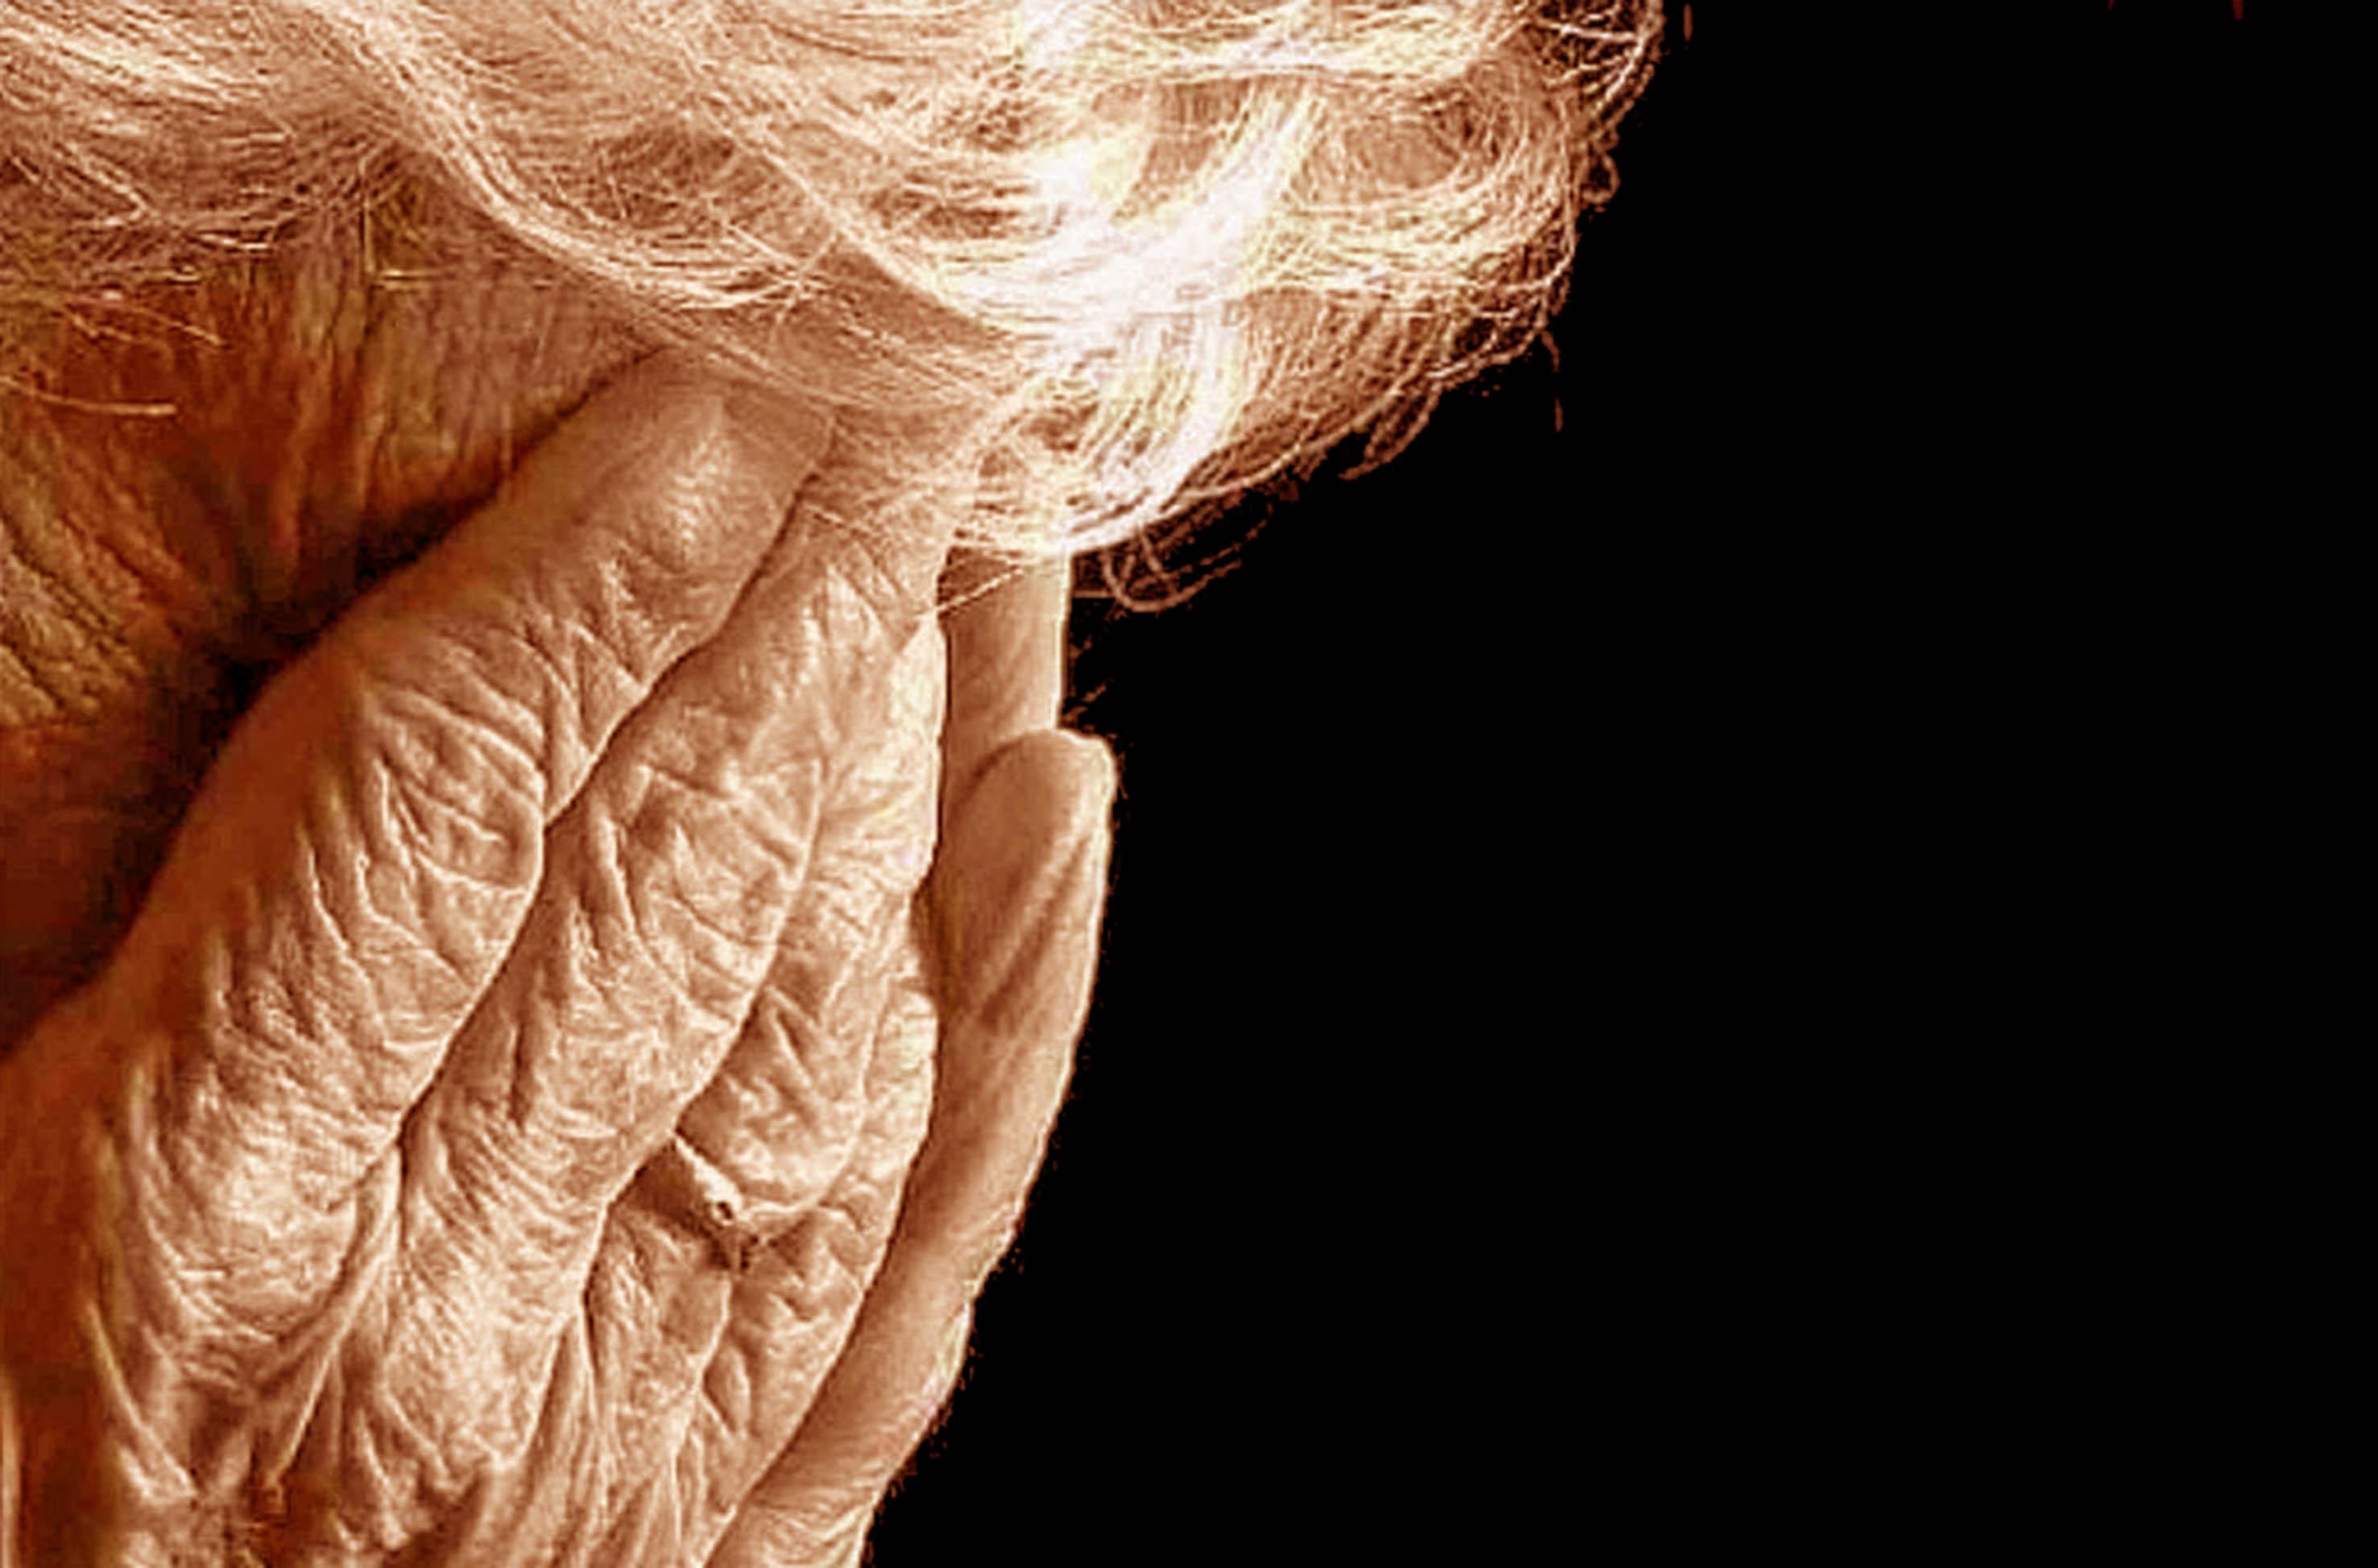 En soledad, abandono y maltrato viven Adultos mayores en México-UNAM